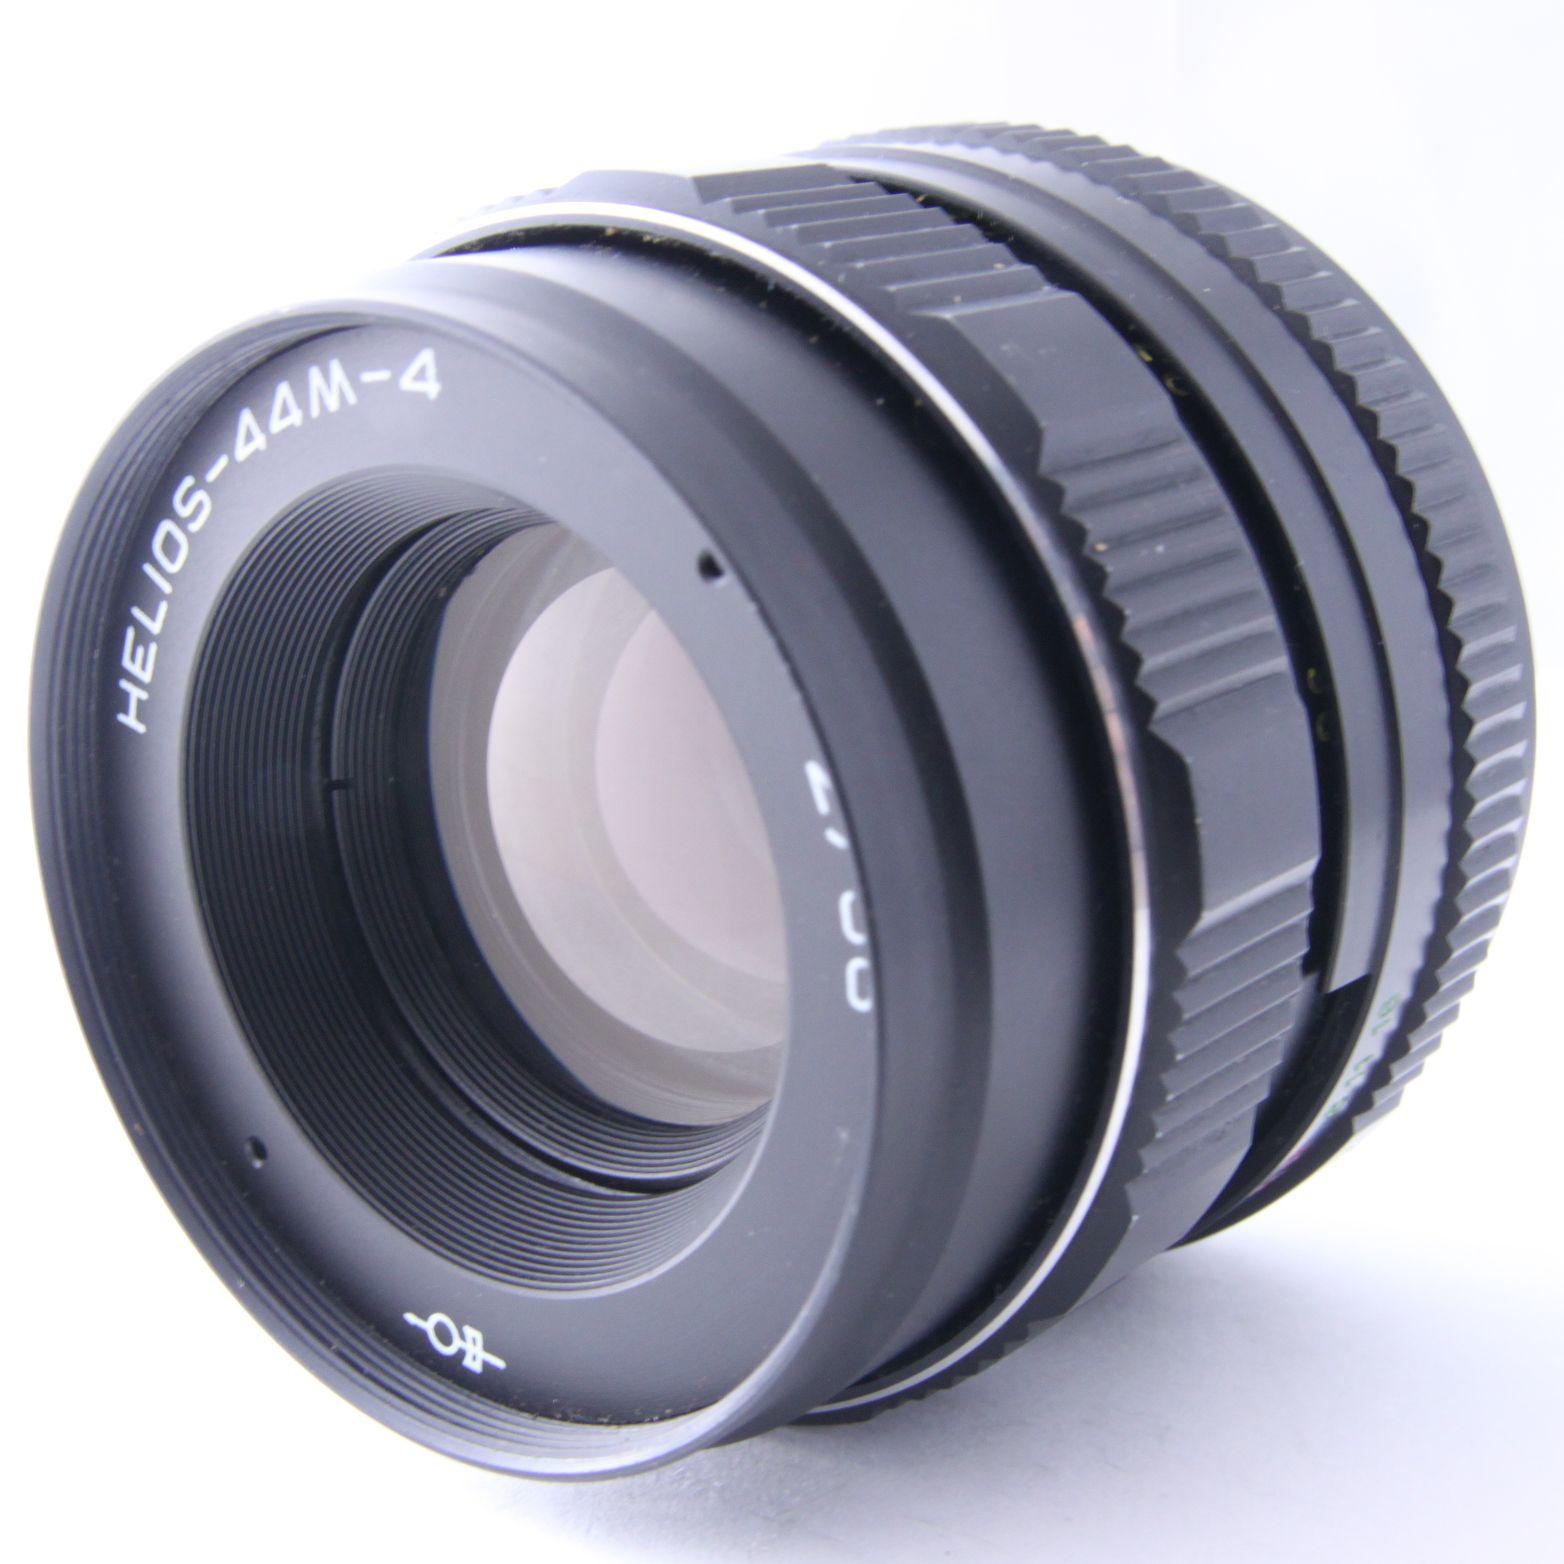 helios 44m 4 helios 44m 4 ヘリオス m42マウント レンズ 58mm f2